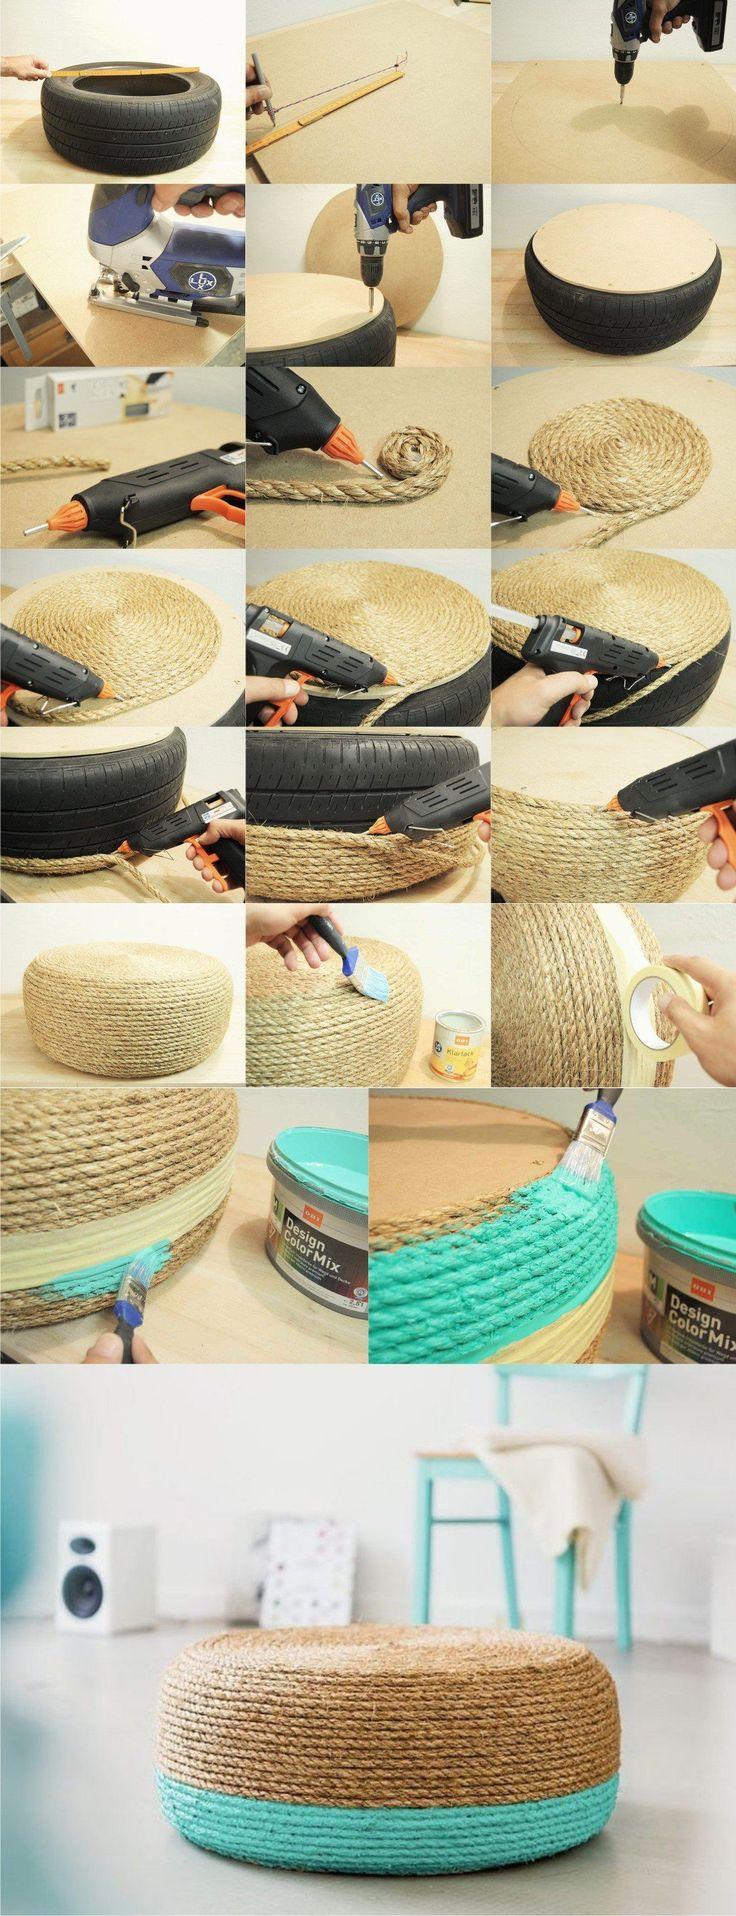 Puf DIY con cuerda y reciclando neumático - dawanda.com - DIY Tire Rope Puff